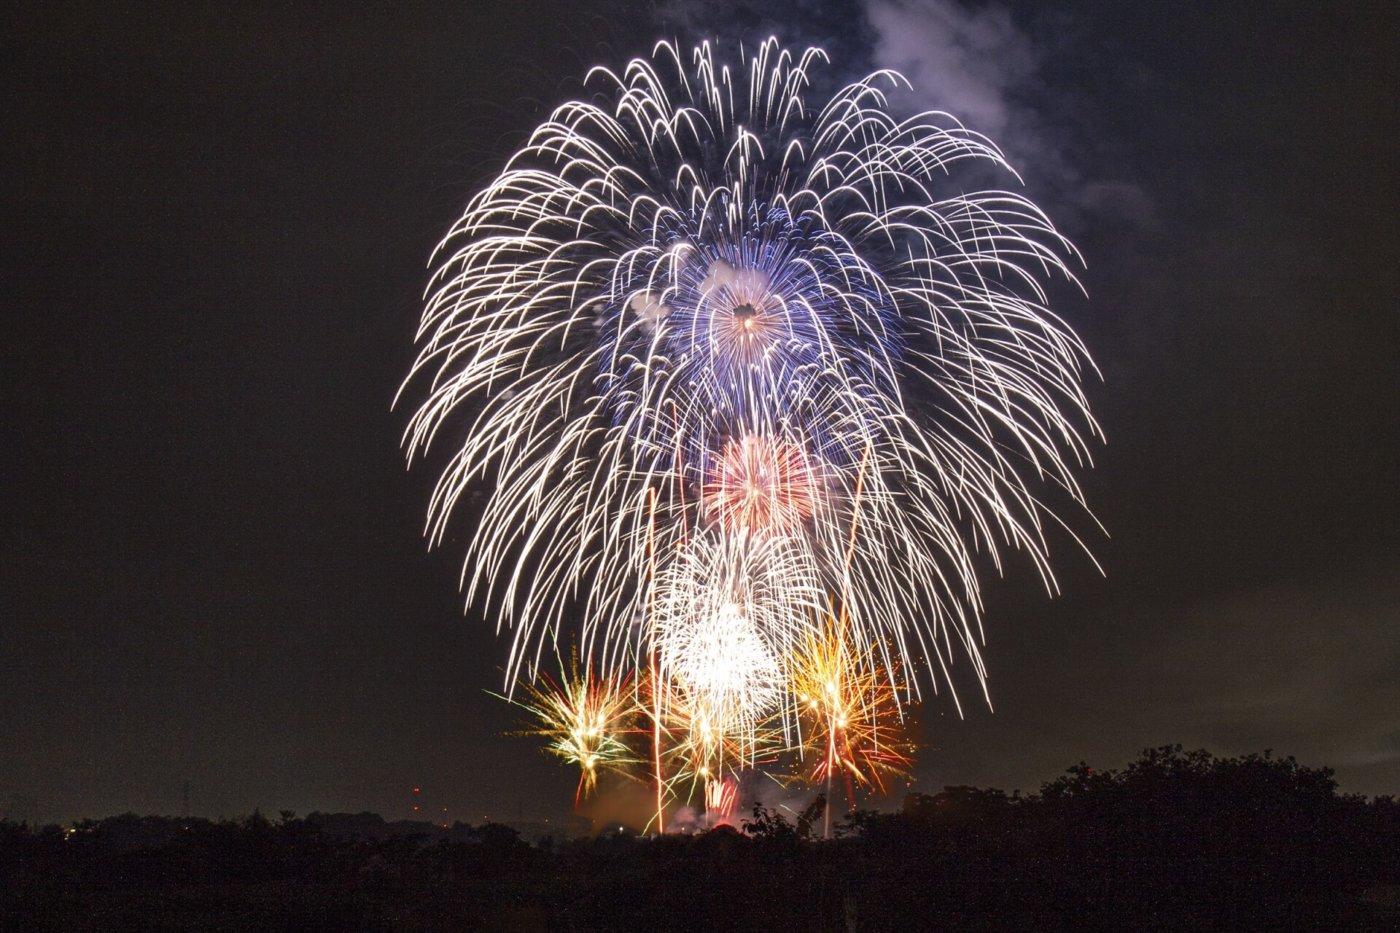 埼玉で一番人気のある花火大会は?それは熊谷の花火大会です!